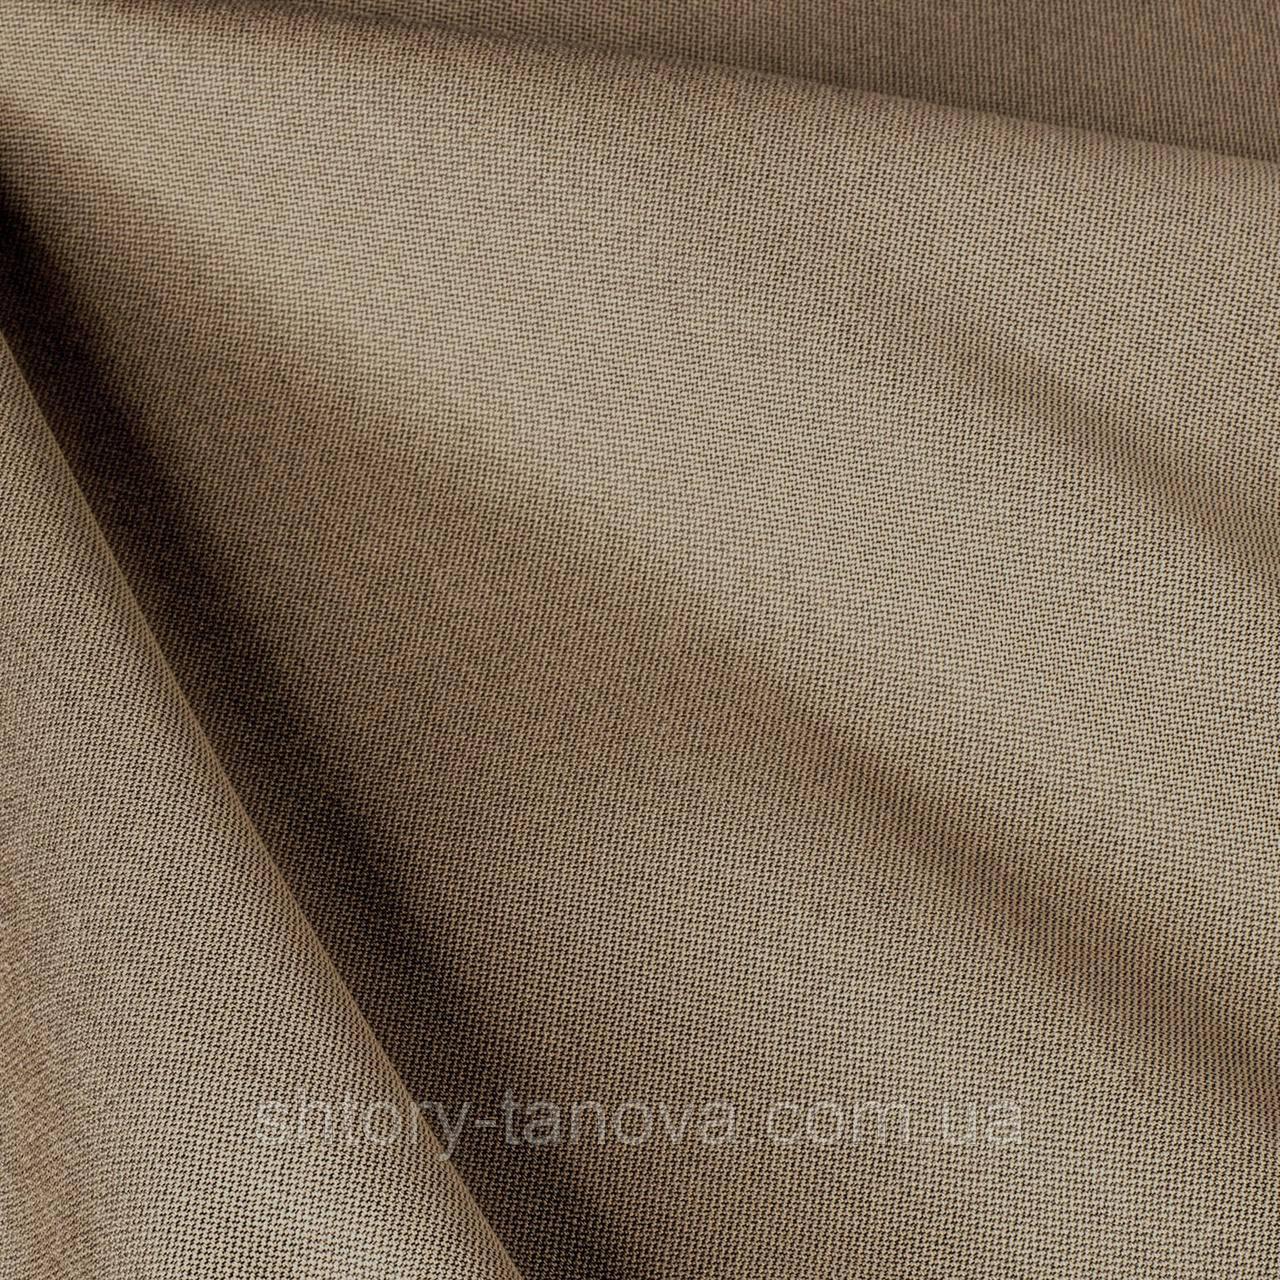 Дралон однотонный с тефлоновым покрытием, бледно-коричневый